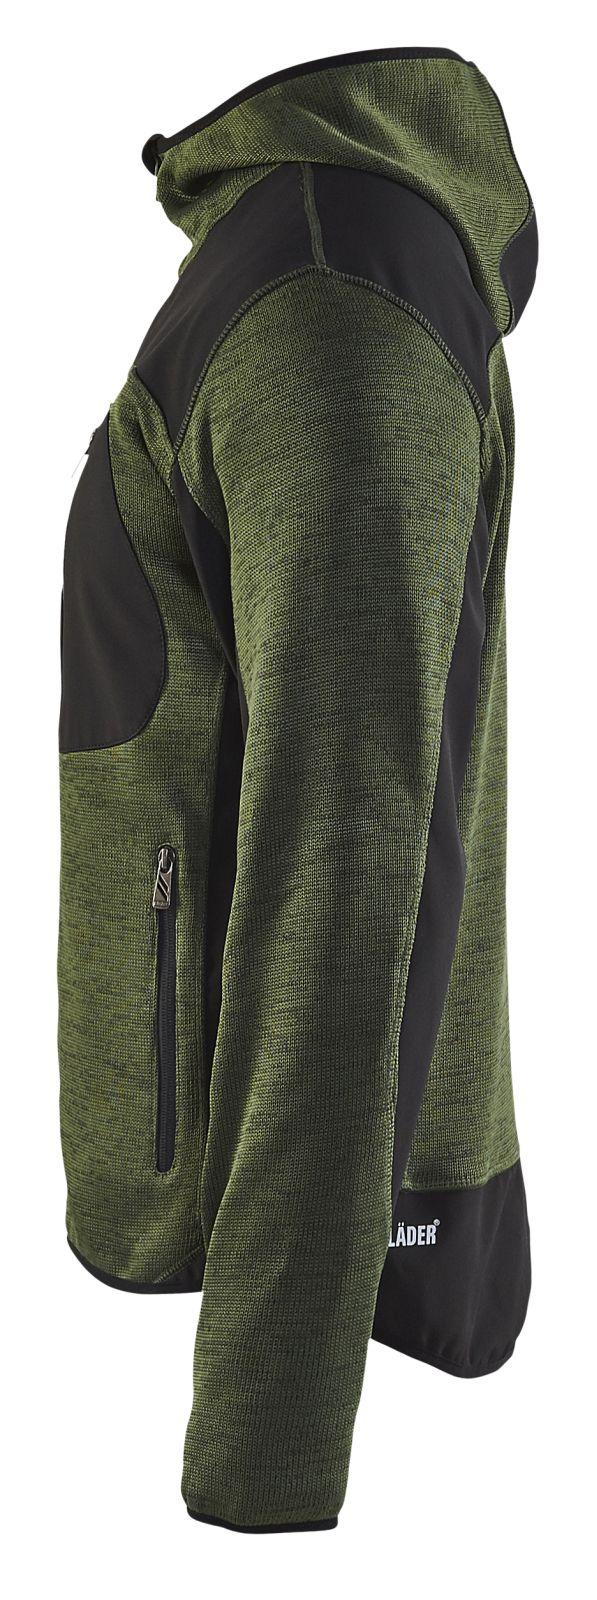 Blaklader Vesten 49302117 army groen-zwart(4699)